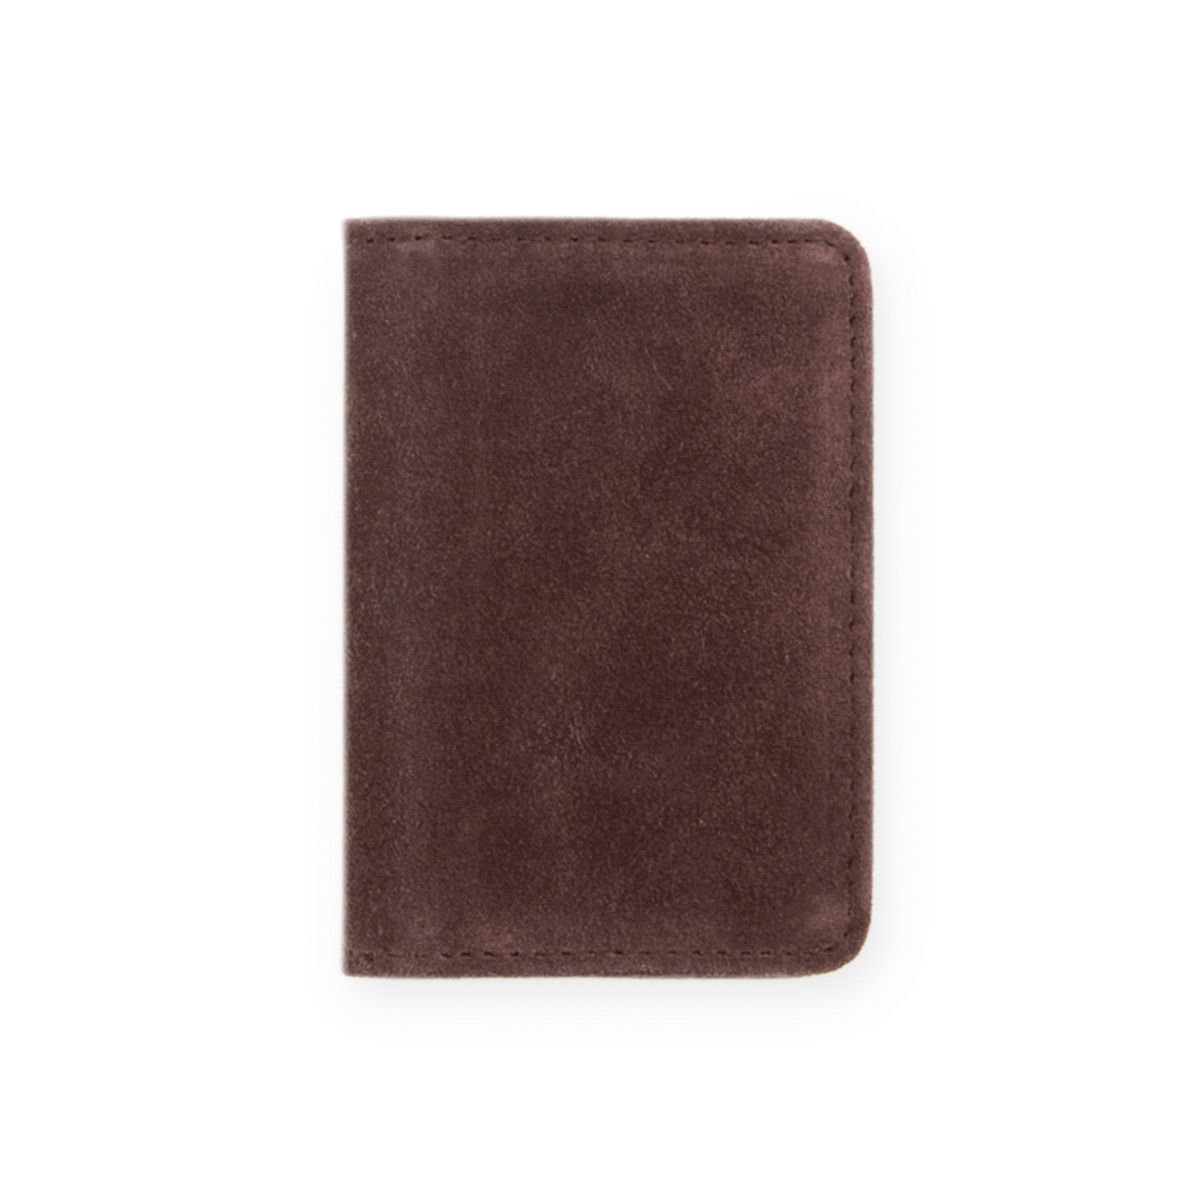 Card Holder OR